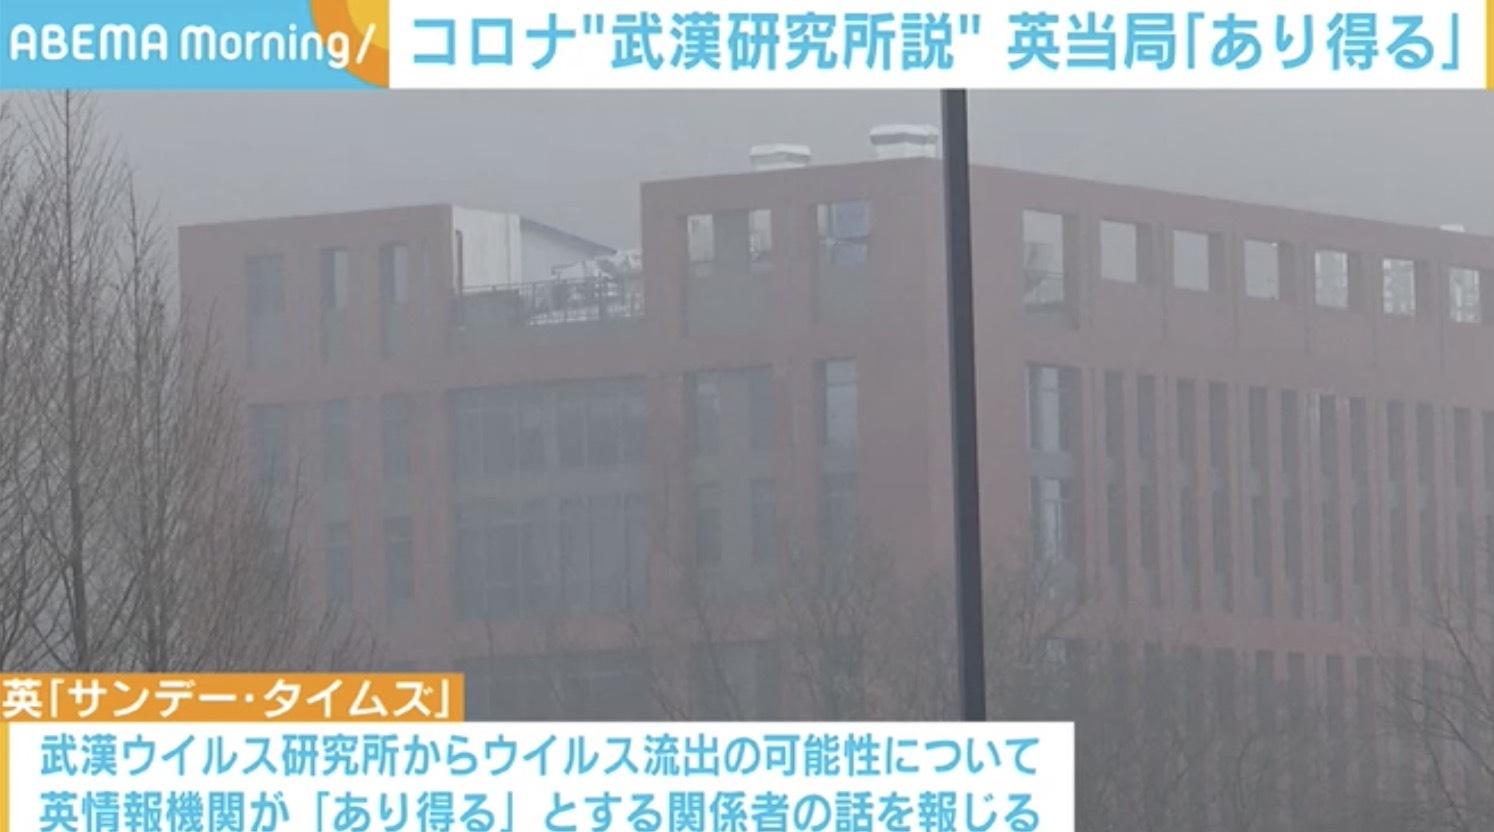 ウイルス 研究 武漢 「新型コロナウイルスの武漢研究所流出説」を徹底検証 中国の協力得られず確証には至らないが、続出する状況証拠(1/8)